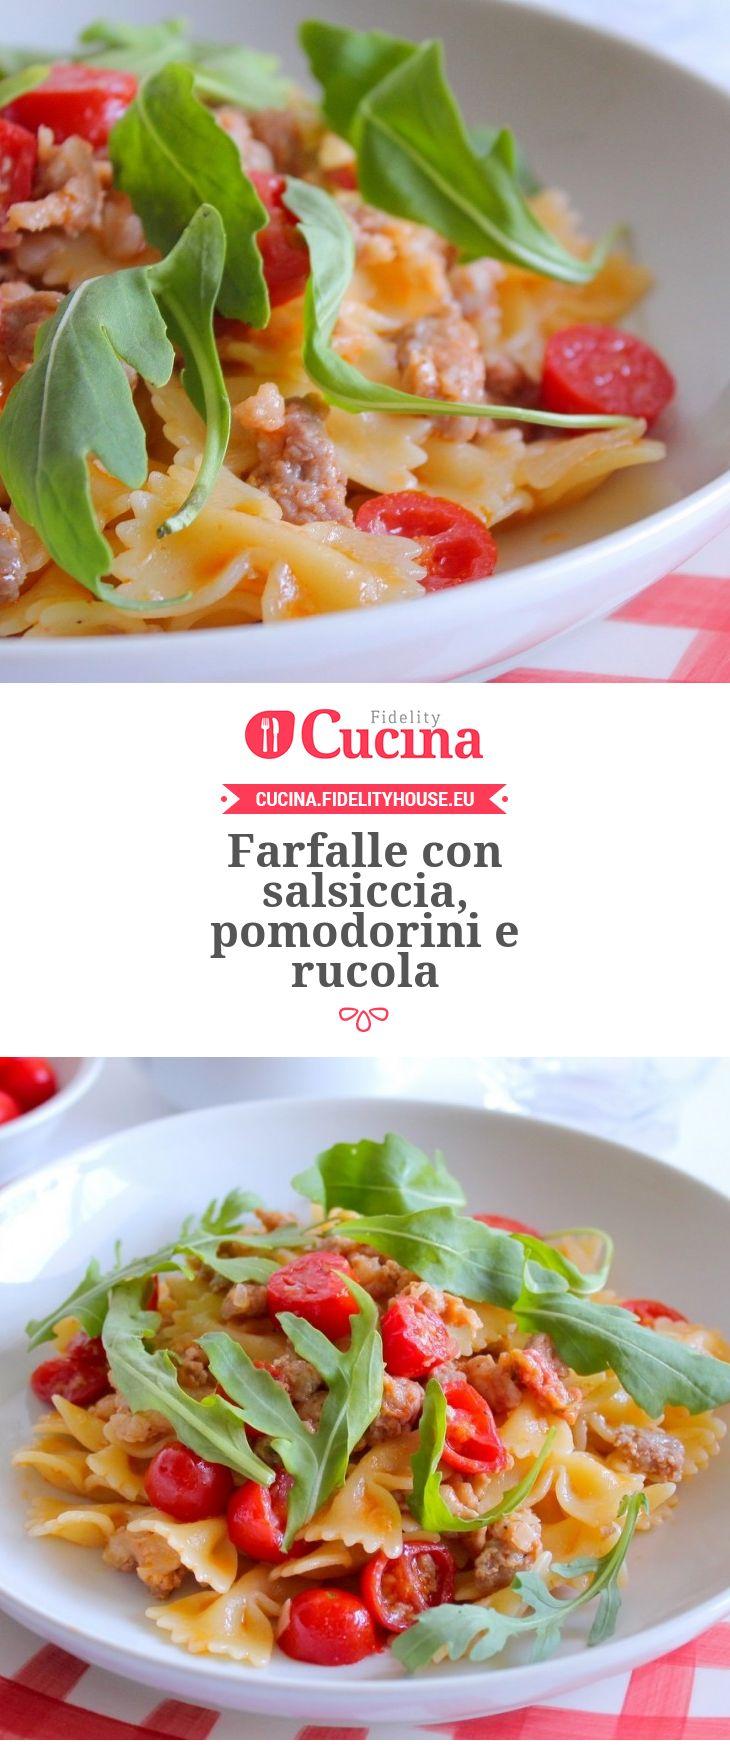 Farfalle con #salsiccia, #pomodorini e #rucola della nostra utente Giovanna. Unisciti alla nostra Community ed invia le tue ricette!